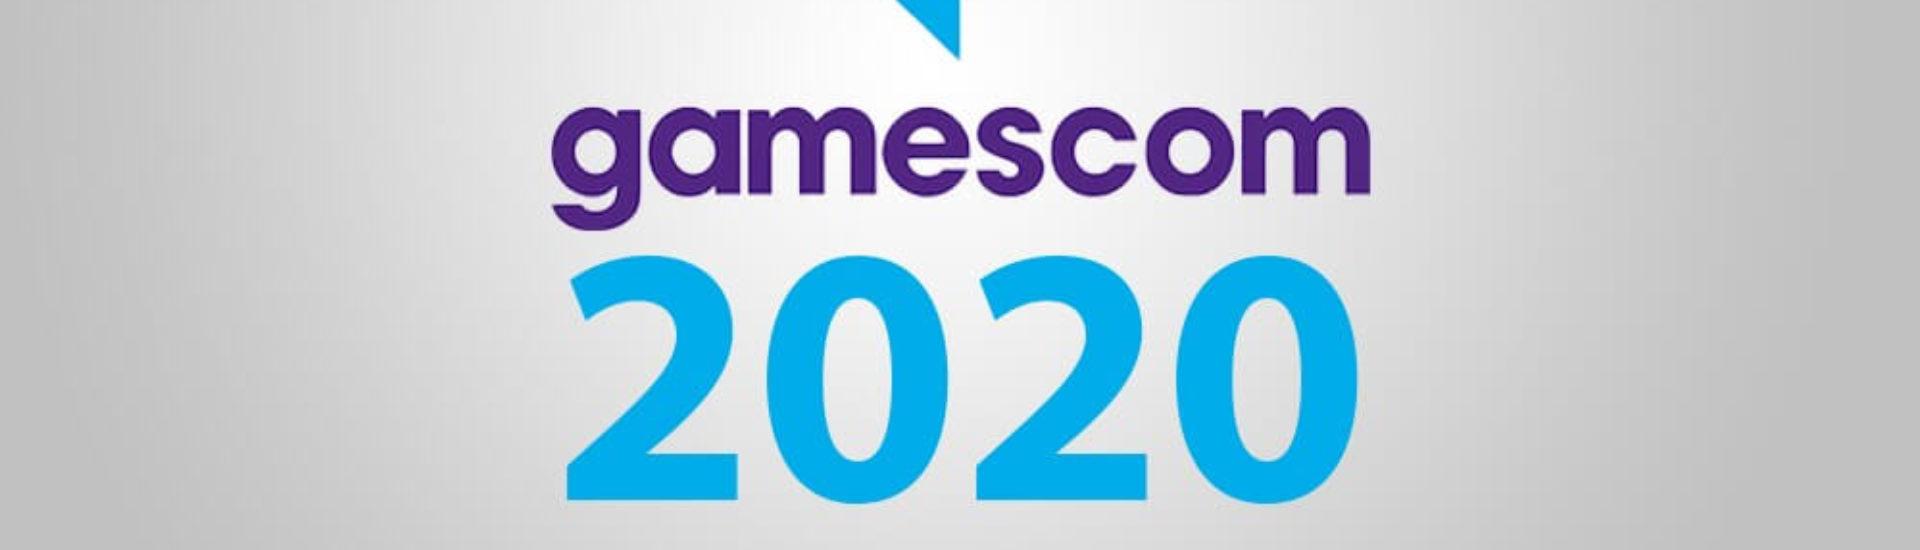 Gamescom 2020: Highlights der digitalen Messe